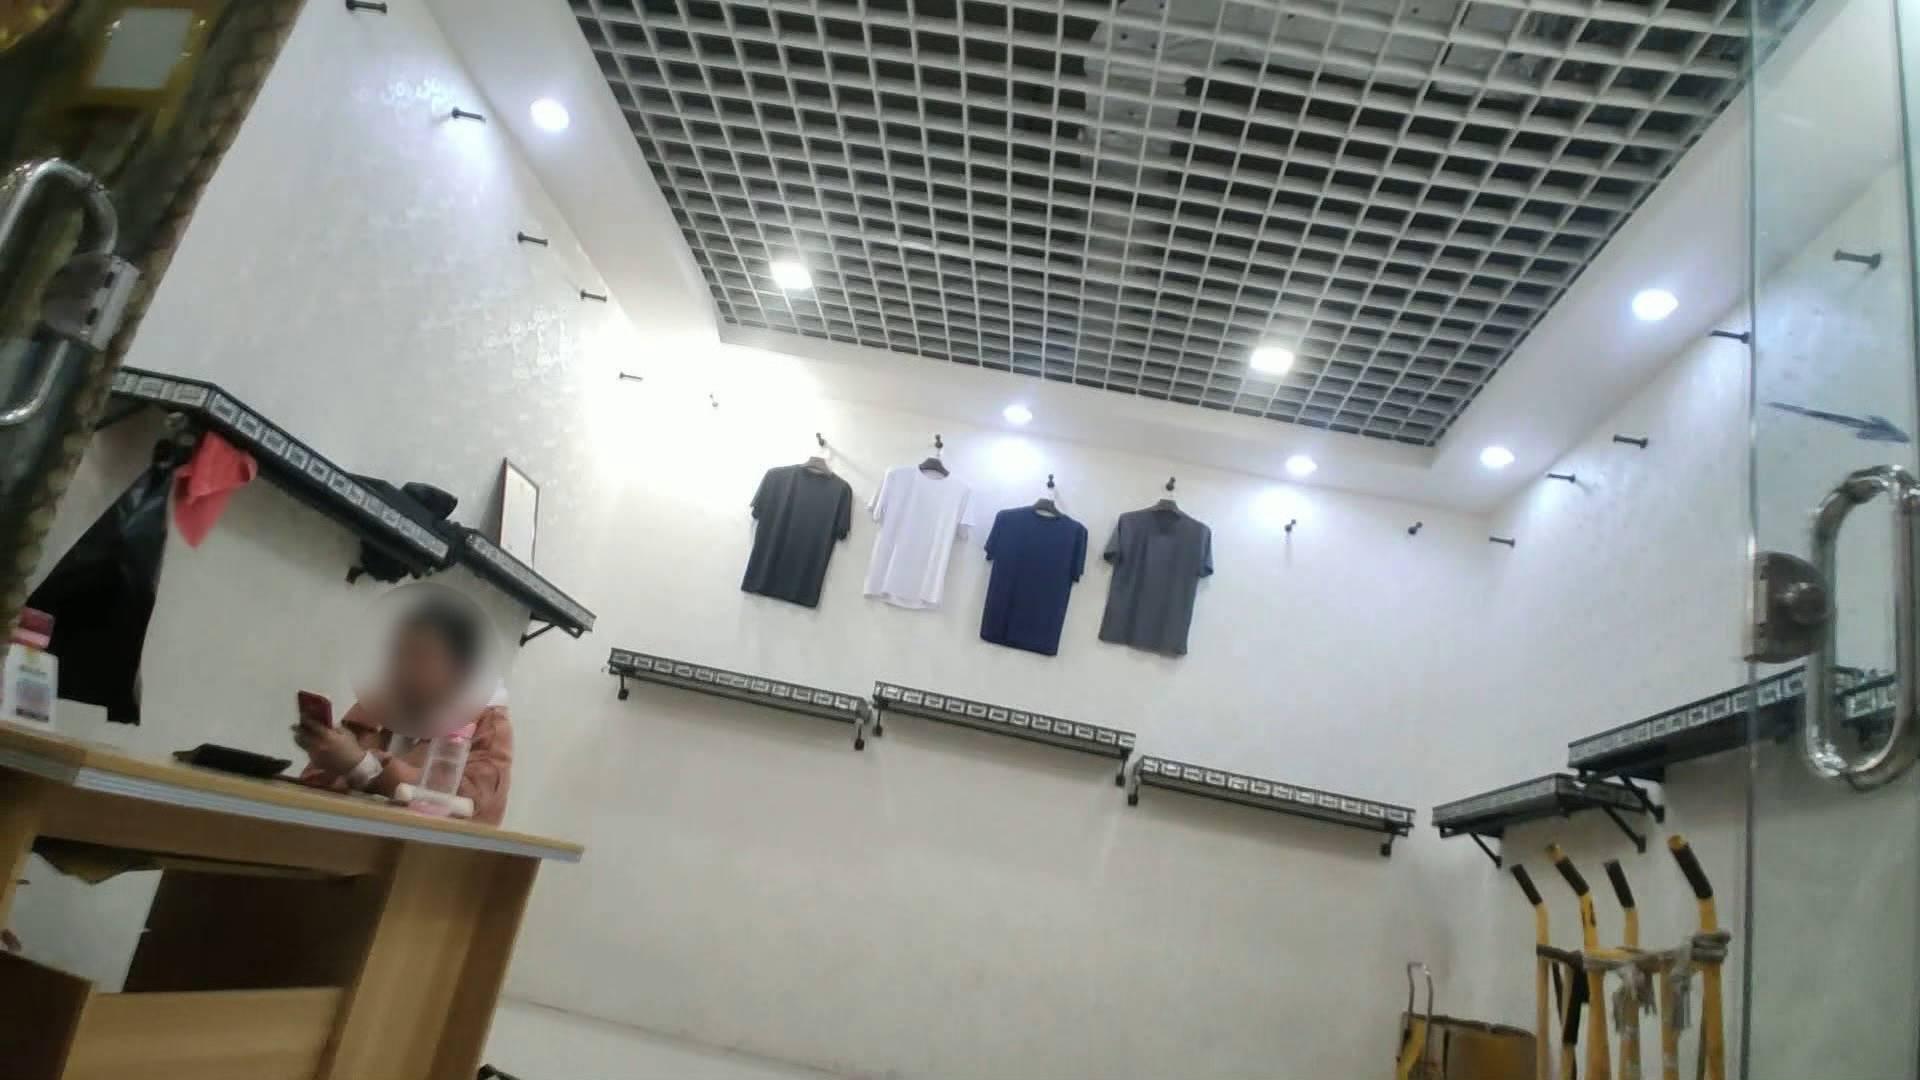 问政山东丨即墨服装市场千元名牌衣服只卖几十元!附近村子200多个加工点偷着做